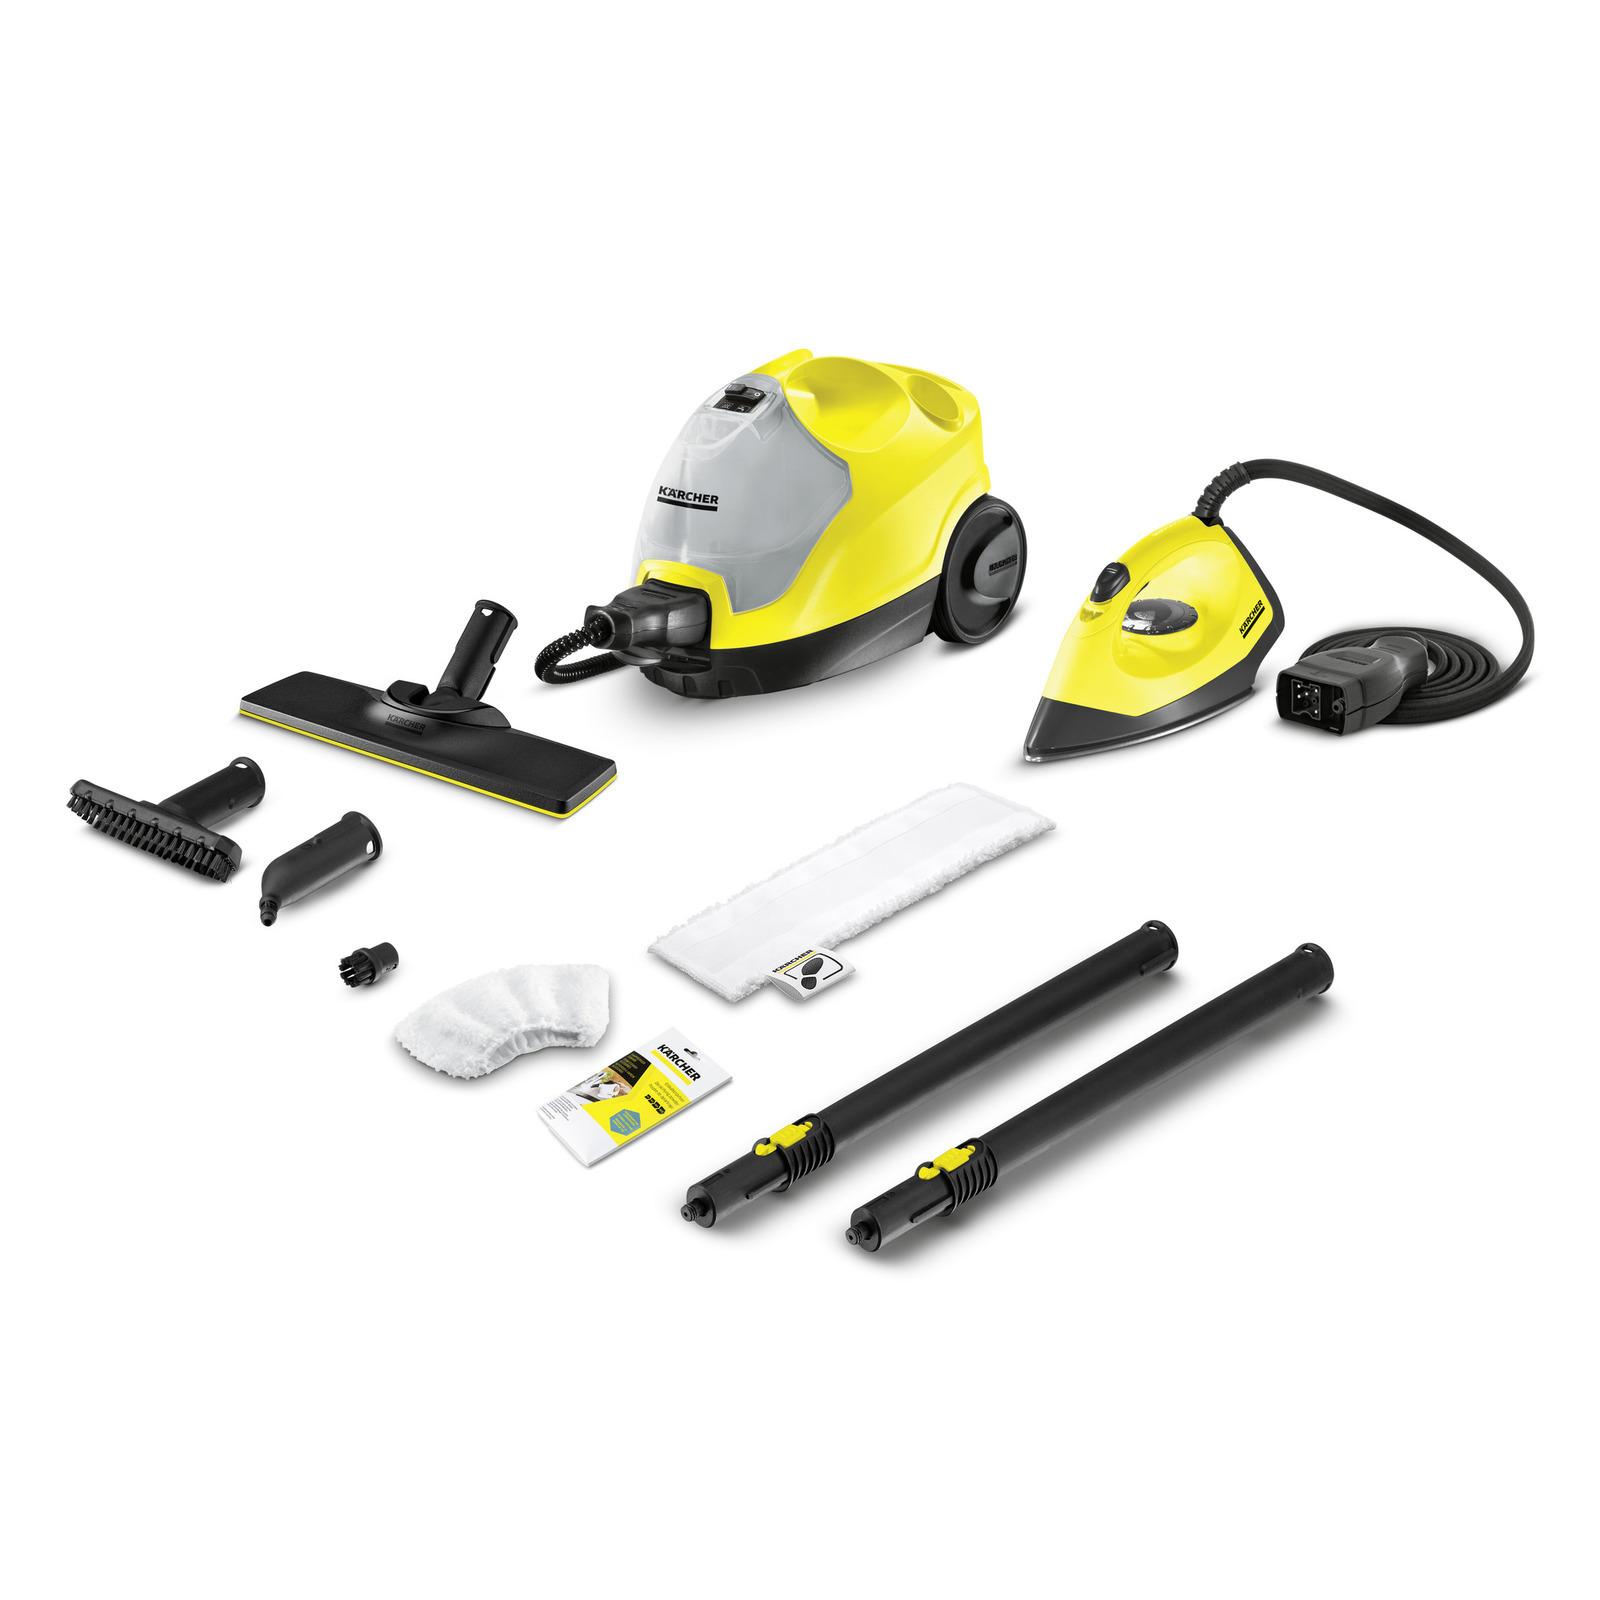 Пароочиститель Karcher SC 4 EasyFix Iron, желтый